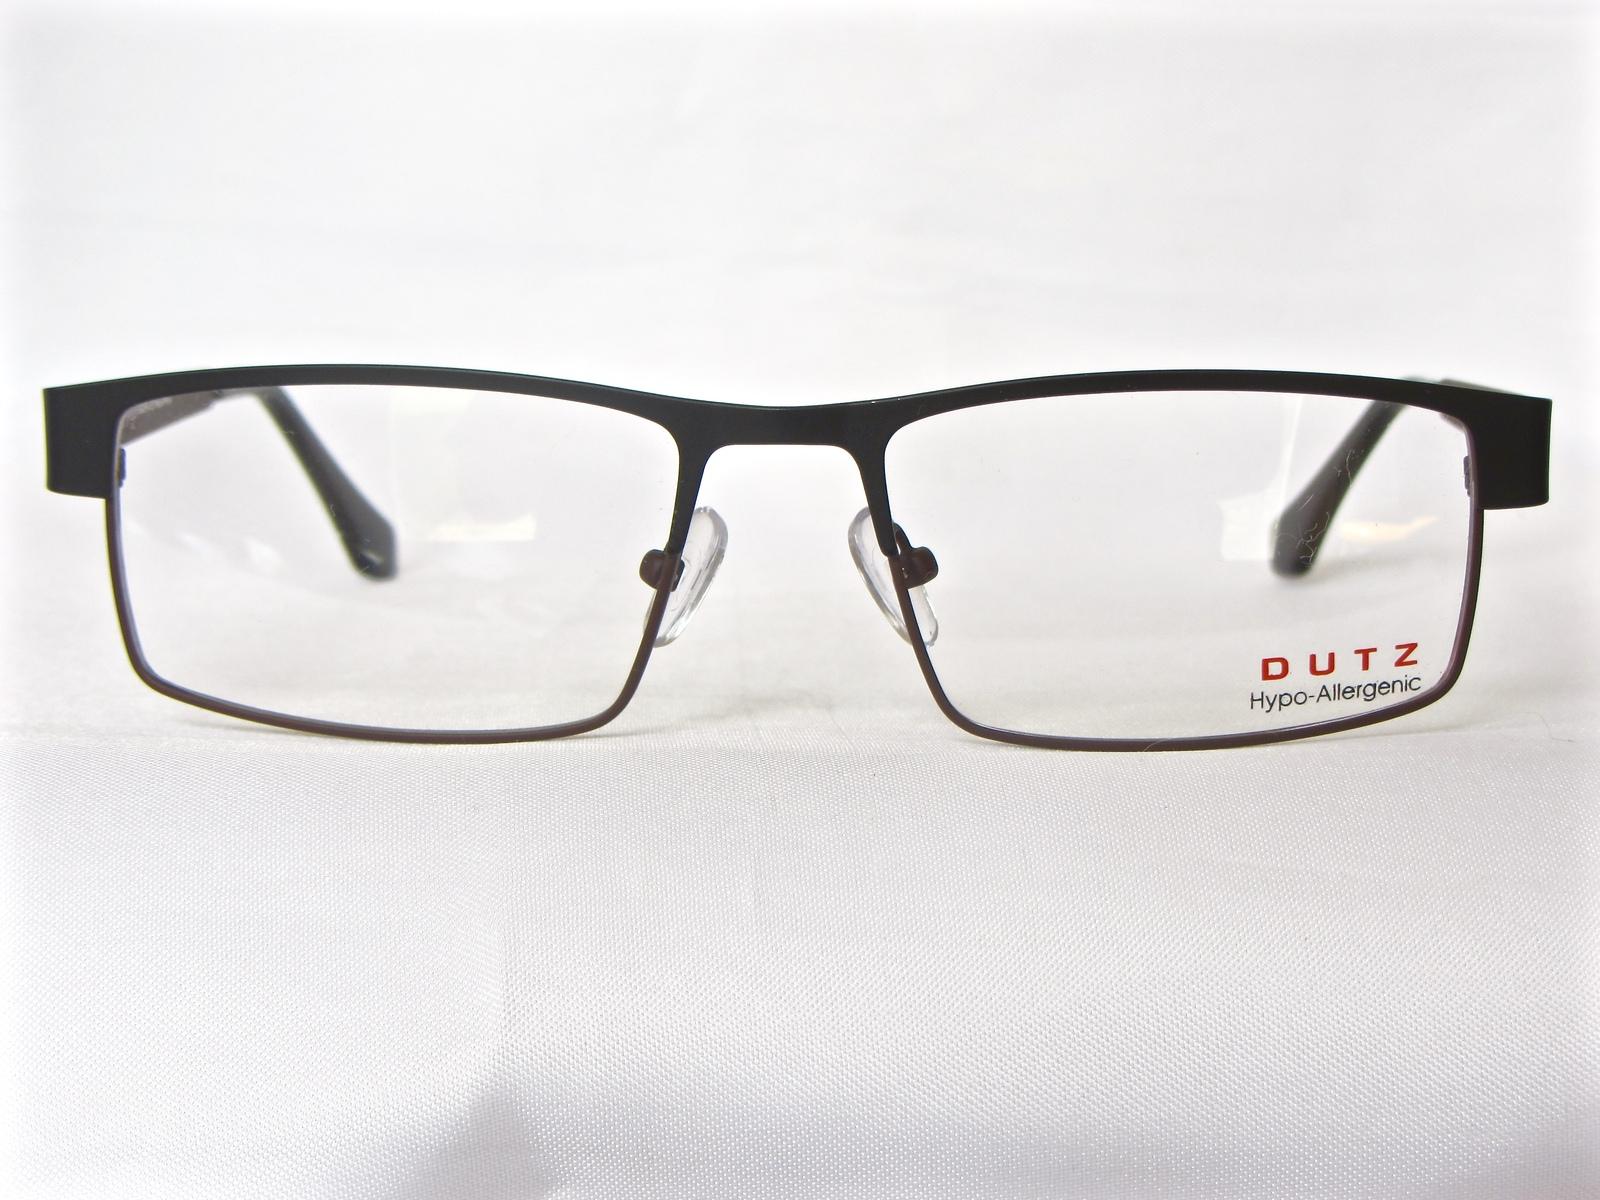 a413d6a1d4a Dutz - DZ 442  Eyeglasses